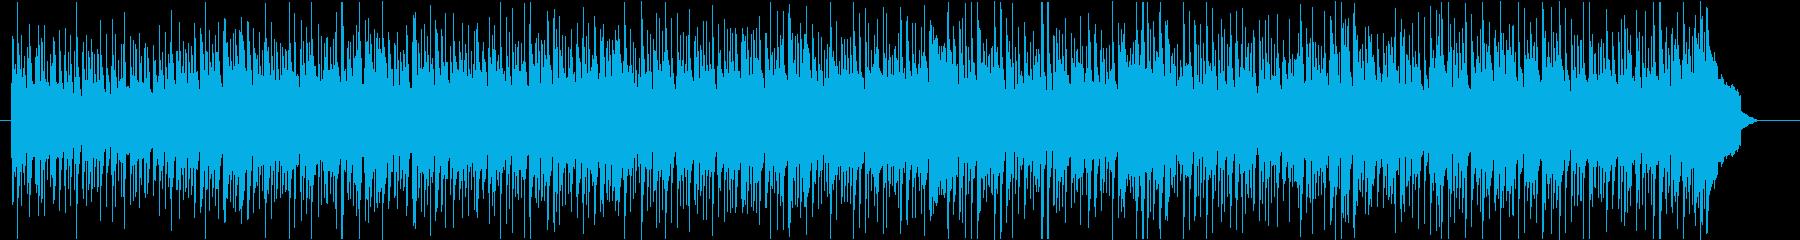 ウキウキワクワクな楽しい楽曲です。の再生済みの波形